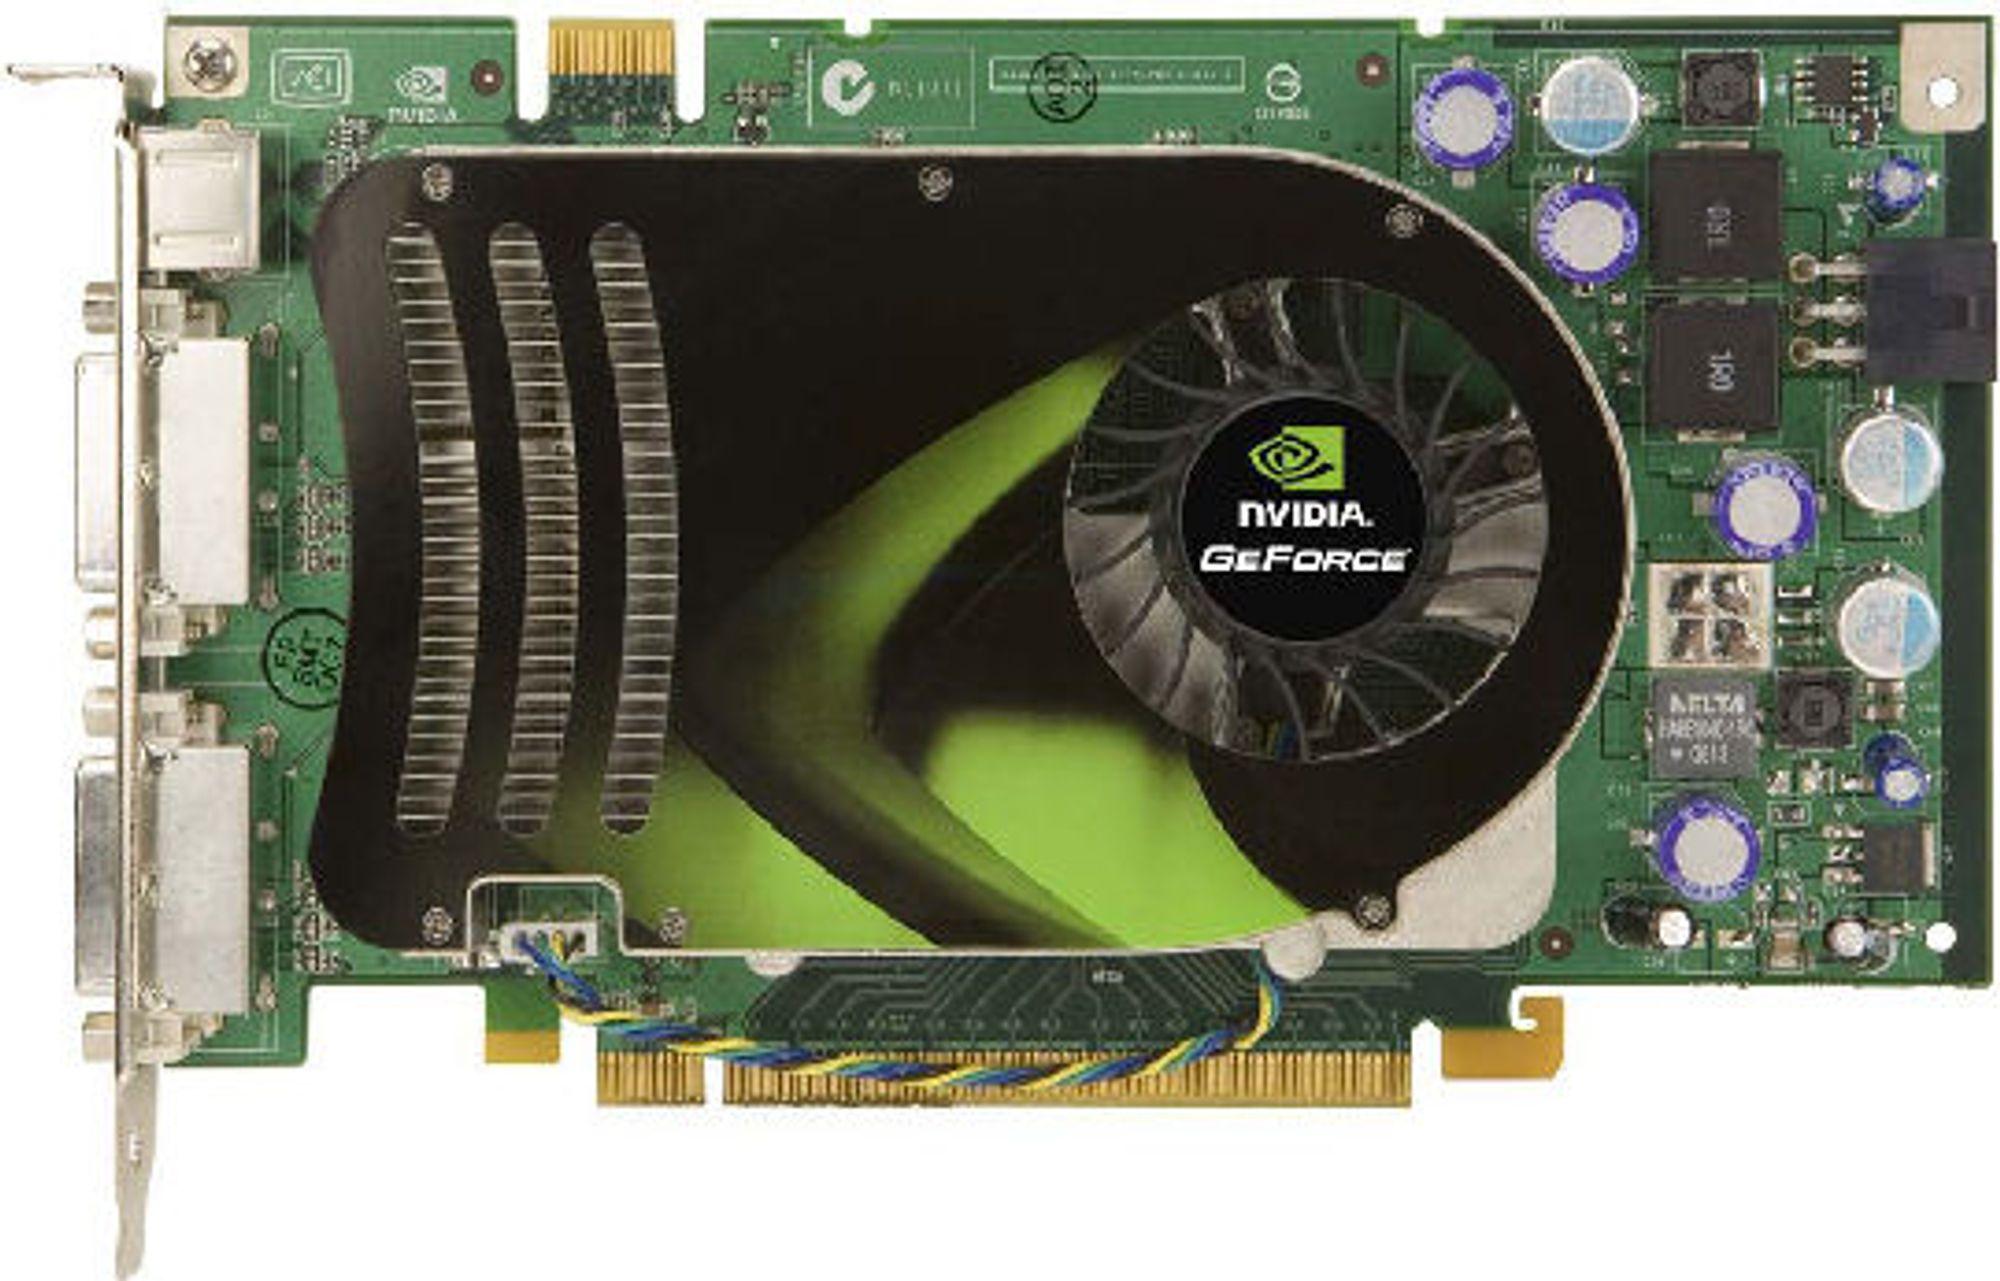 <em>Nvidias referansedesign for GeForce 8600 GTS</em>